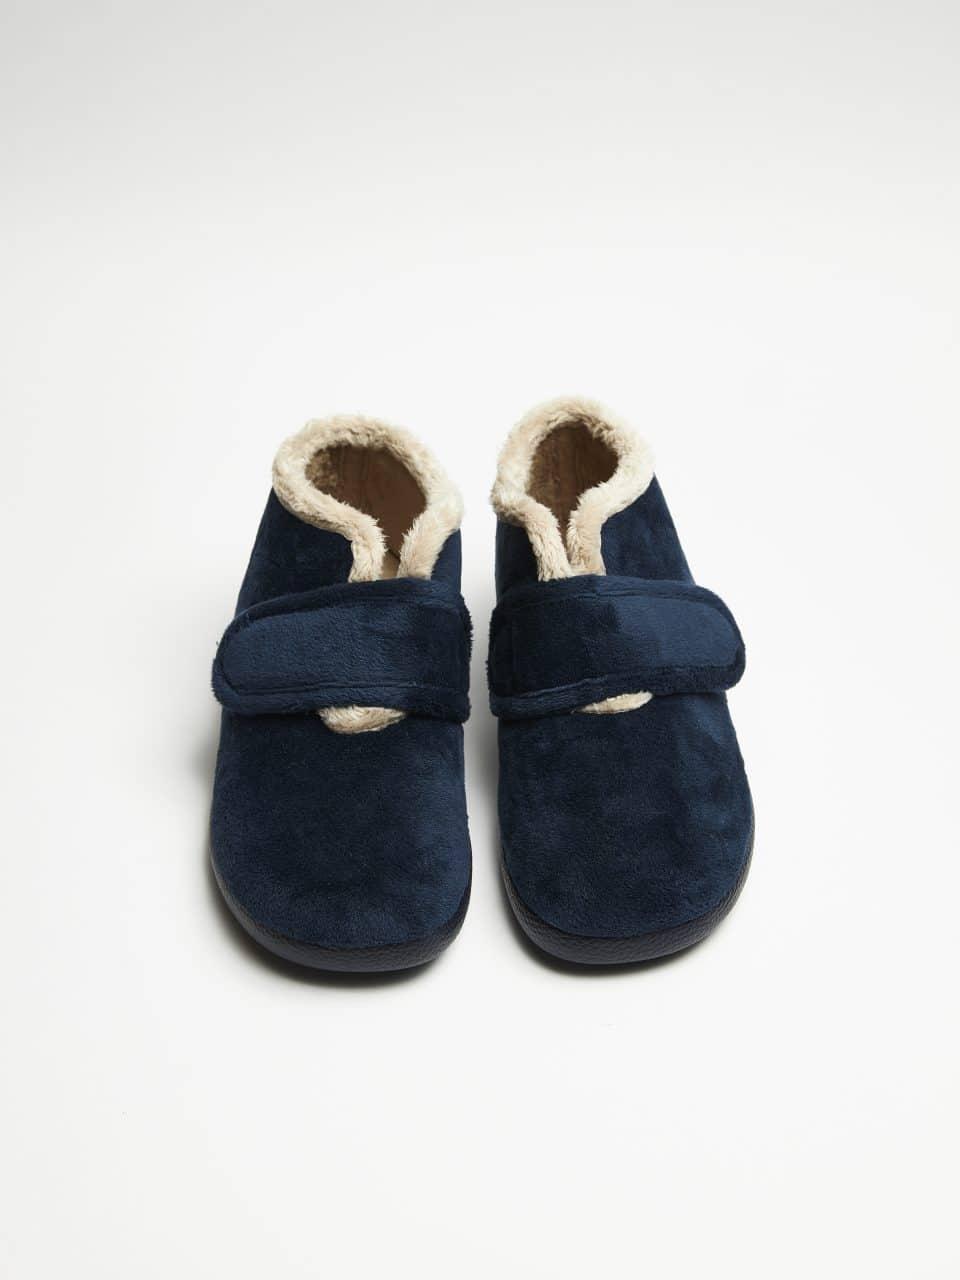 SUATEX MARINO Garzón en Loyna Shoes